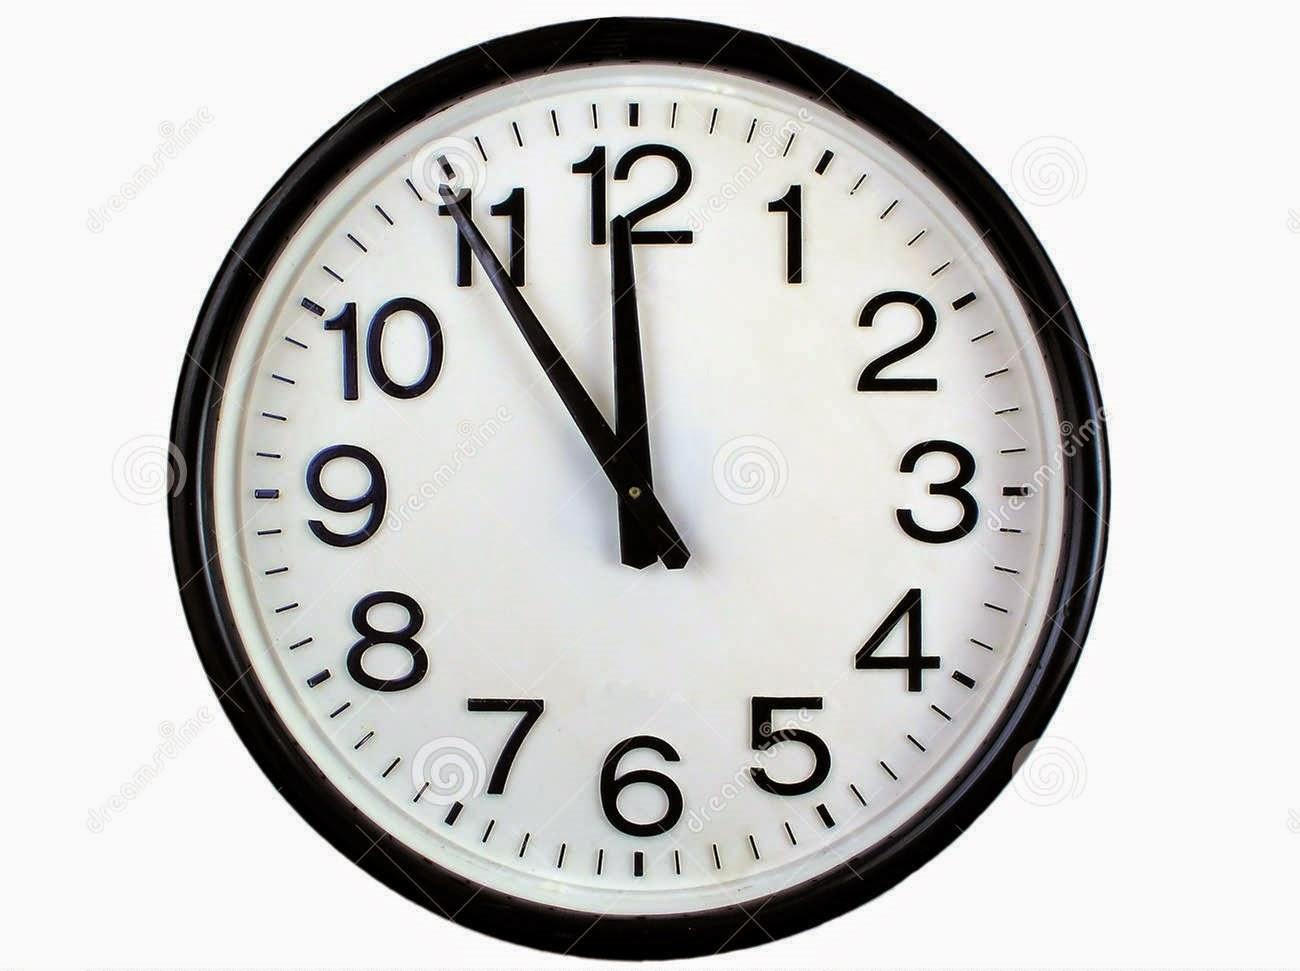 Enroque de ciencia las 10 10 de los relojes razones for Imagenes de relojes